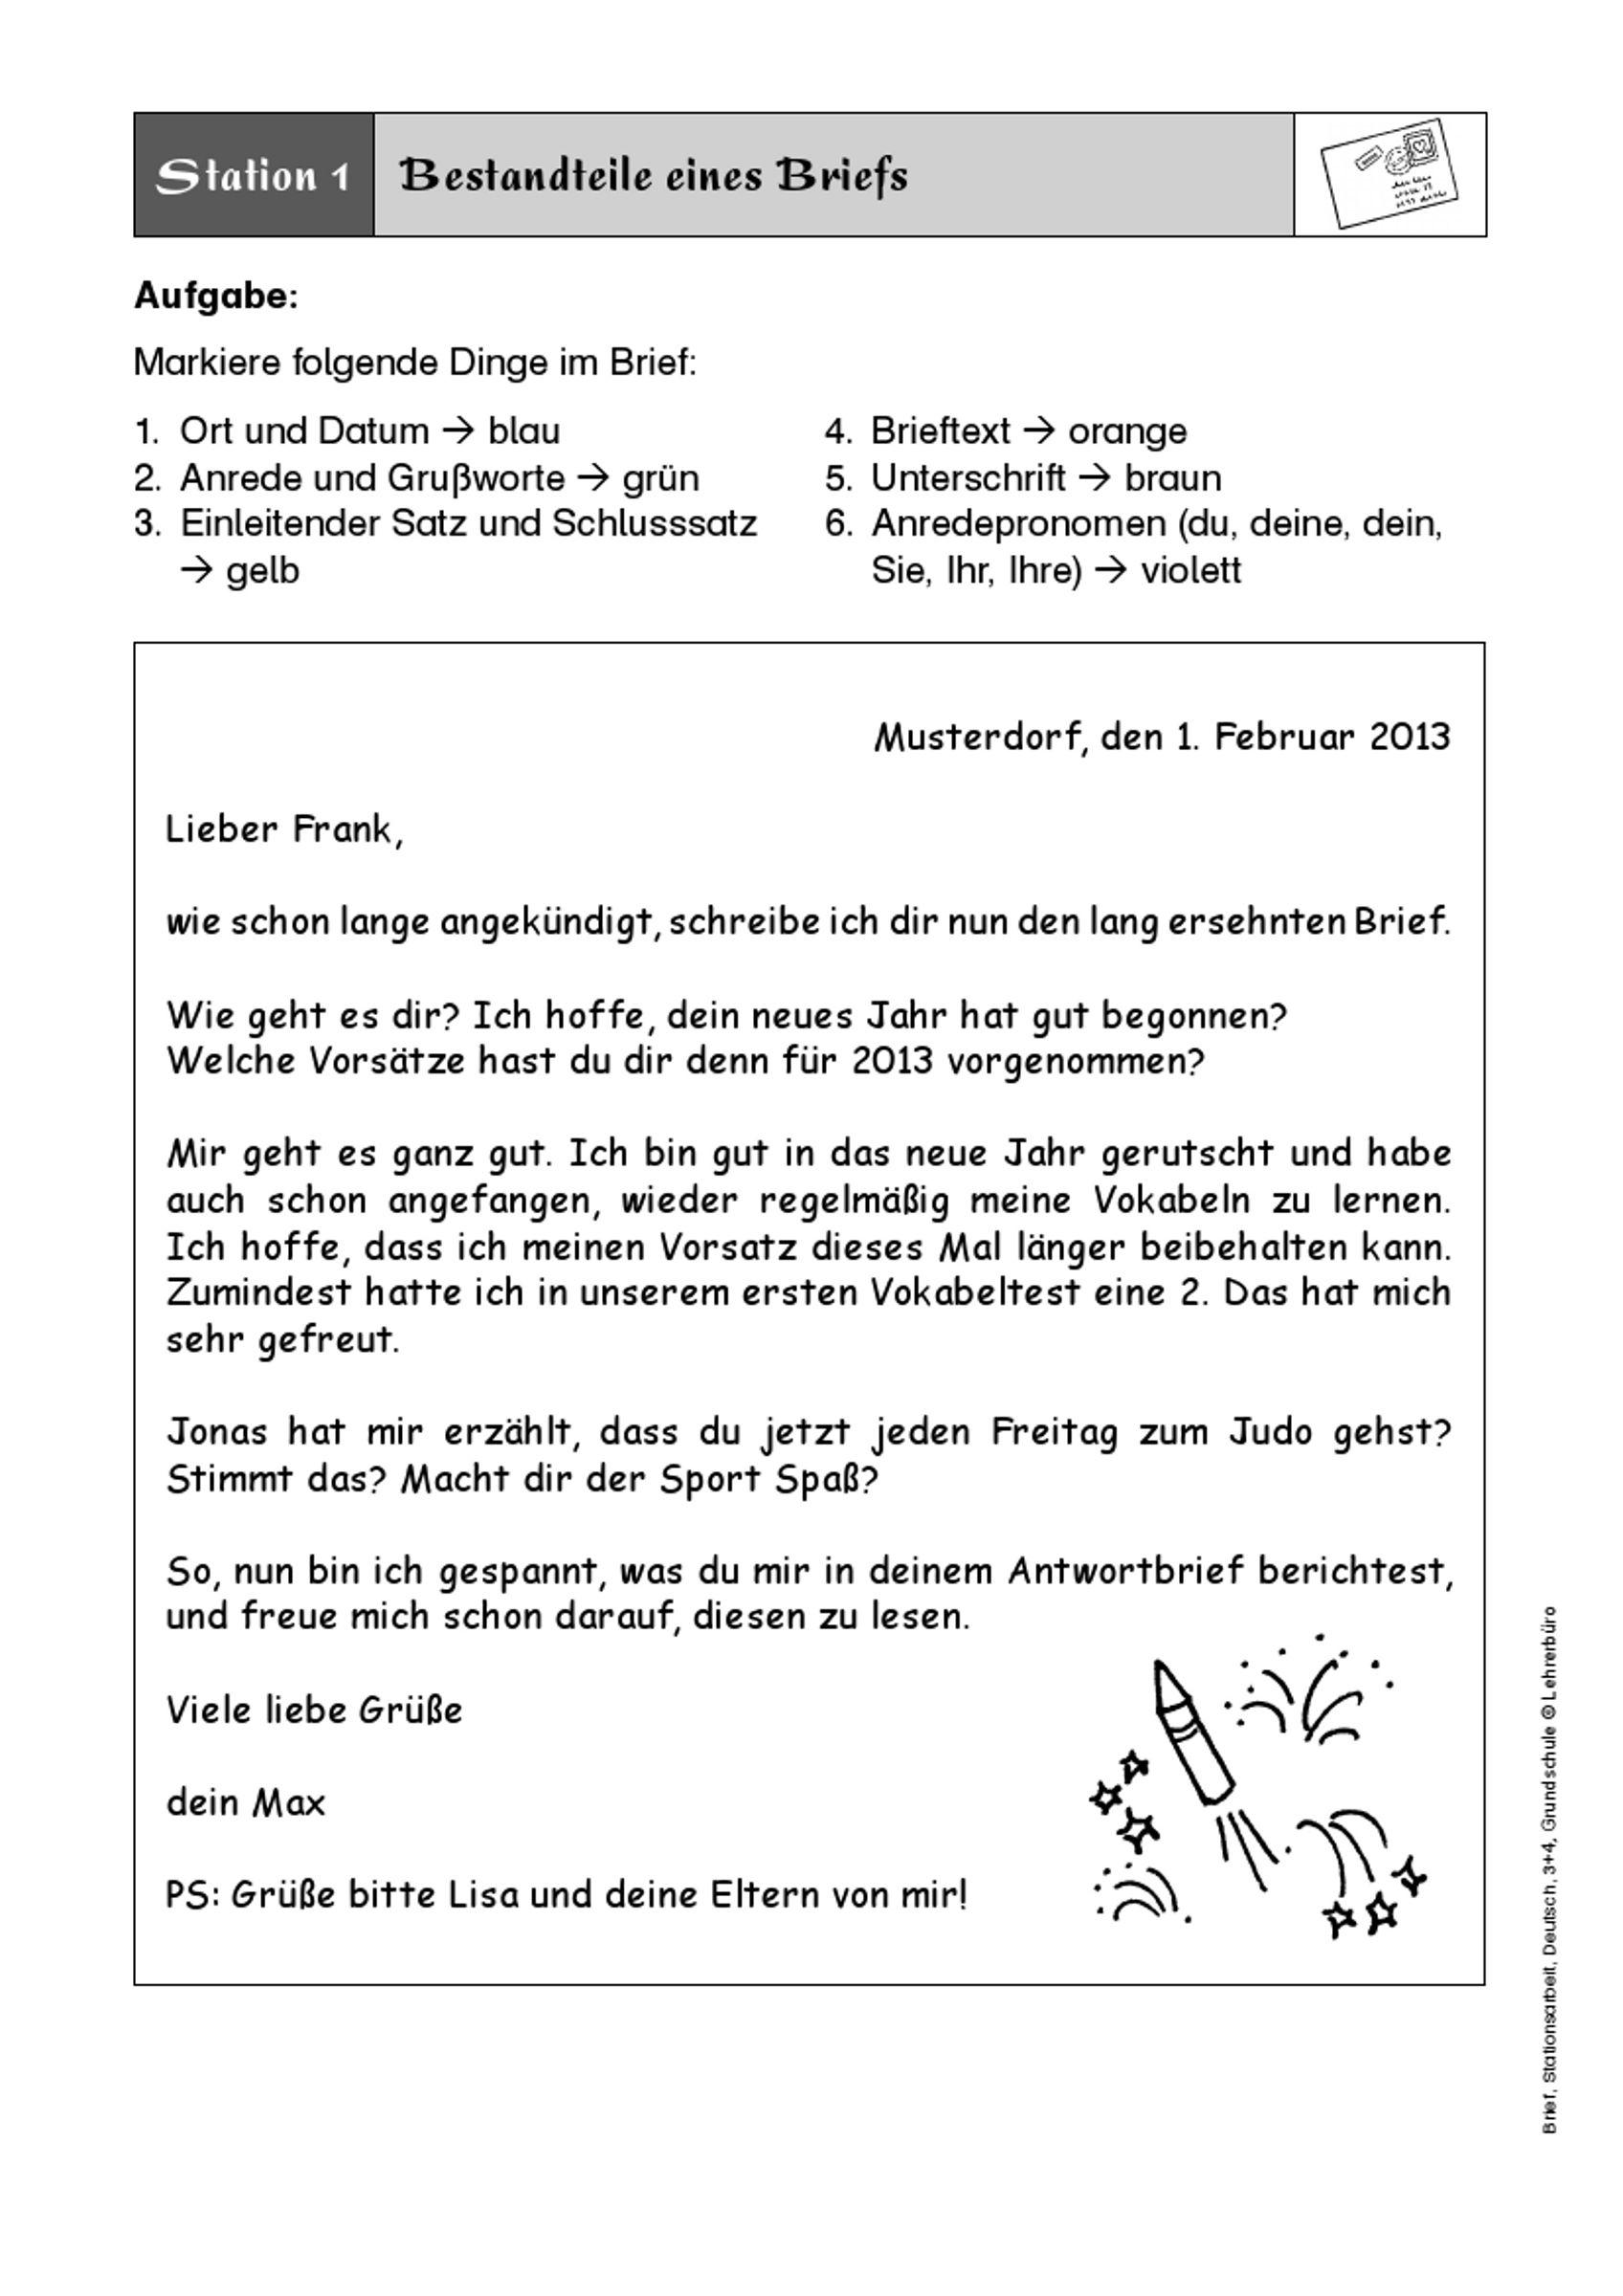 Briefe Schreiben Unterrichtsmaterial Klasse 5 : Bildergebnis für brief schreiben klasse